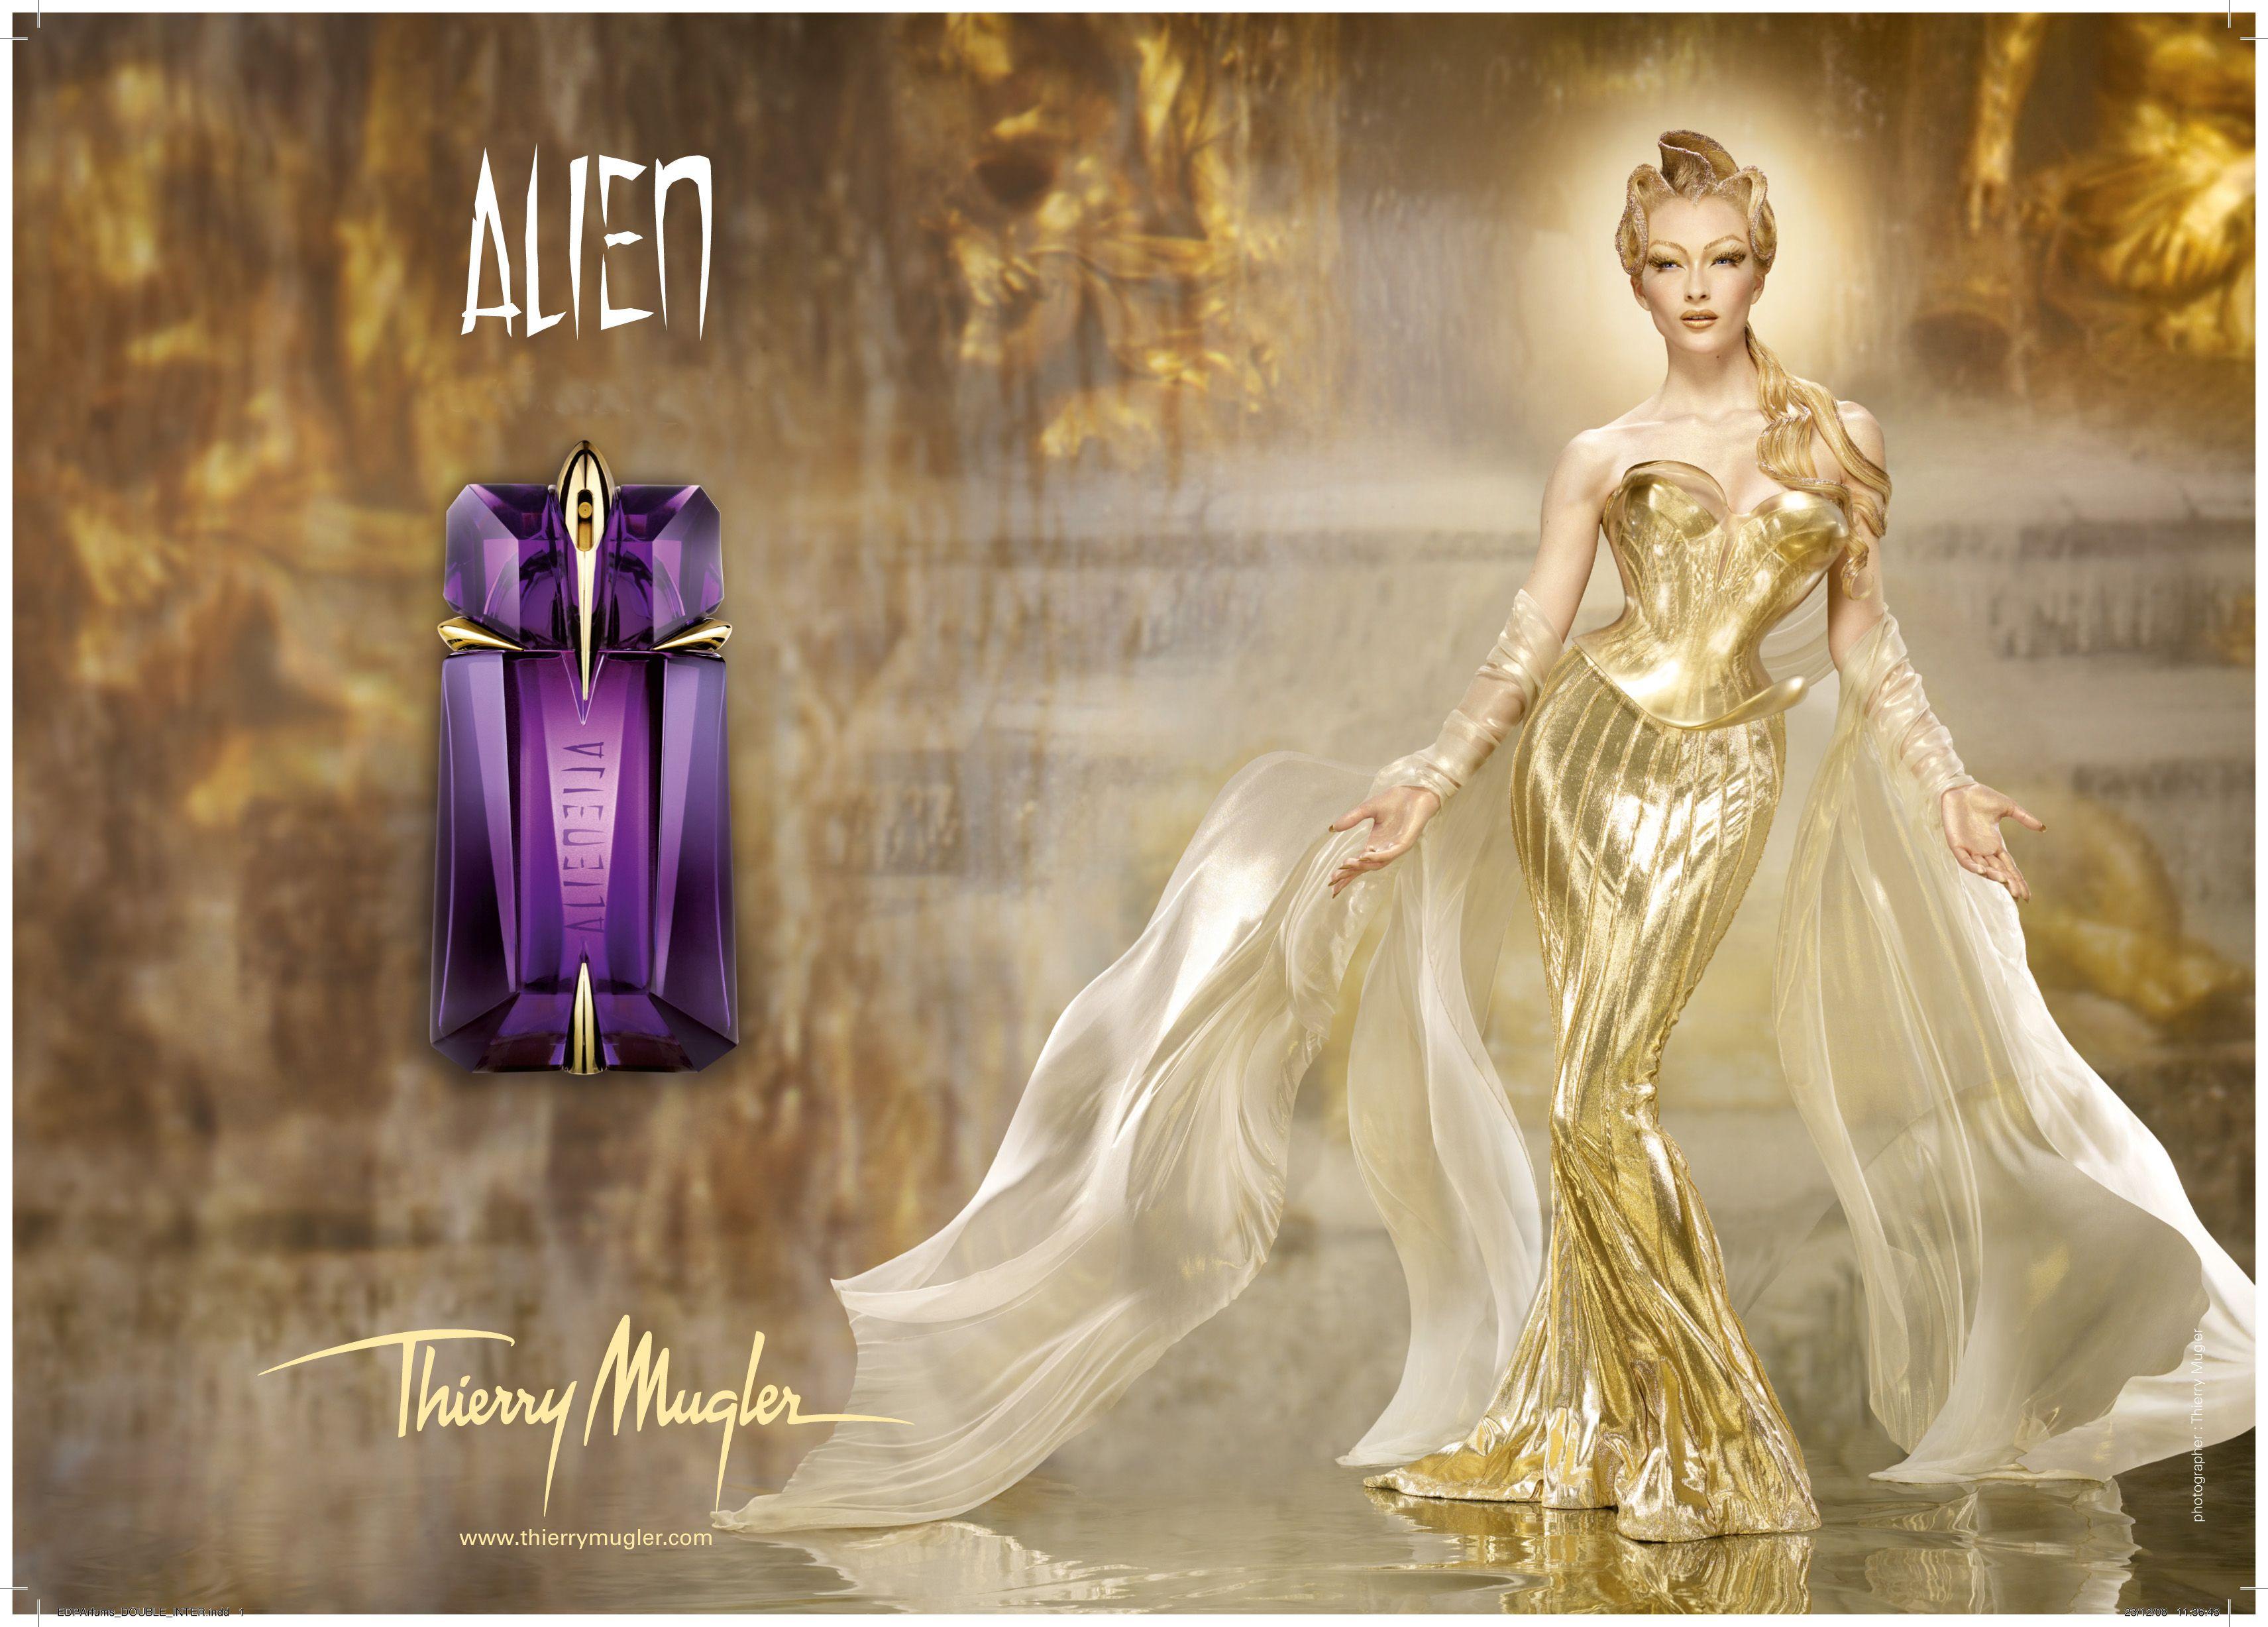 Alien Campaign Parfum Alien Alien Eau De Parfum Publicite Parfum